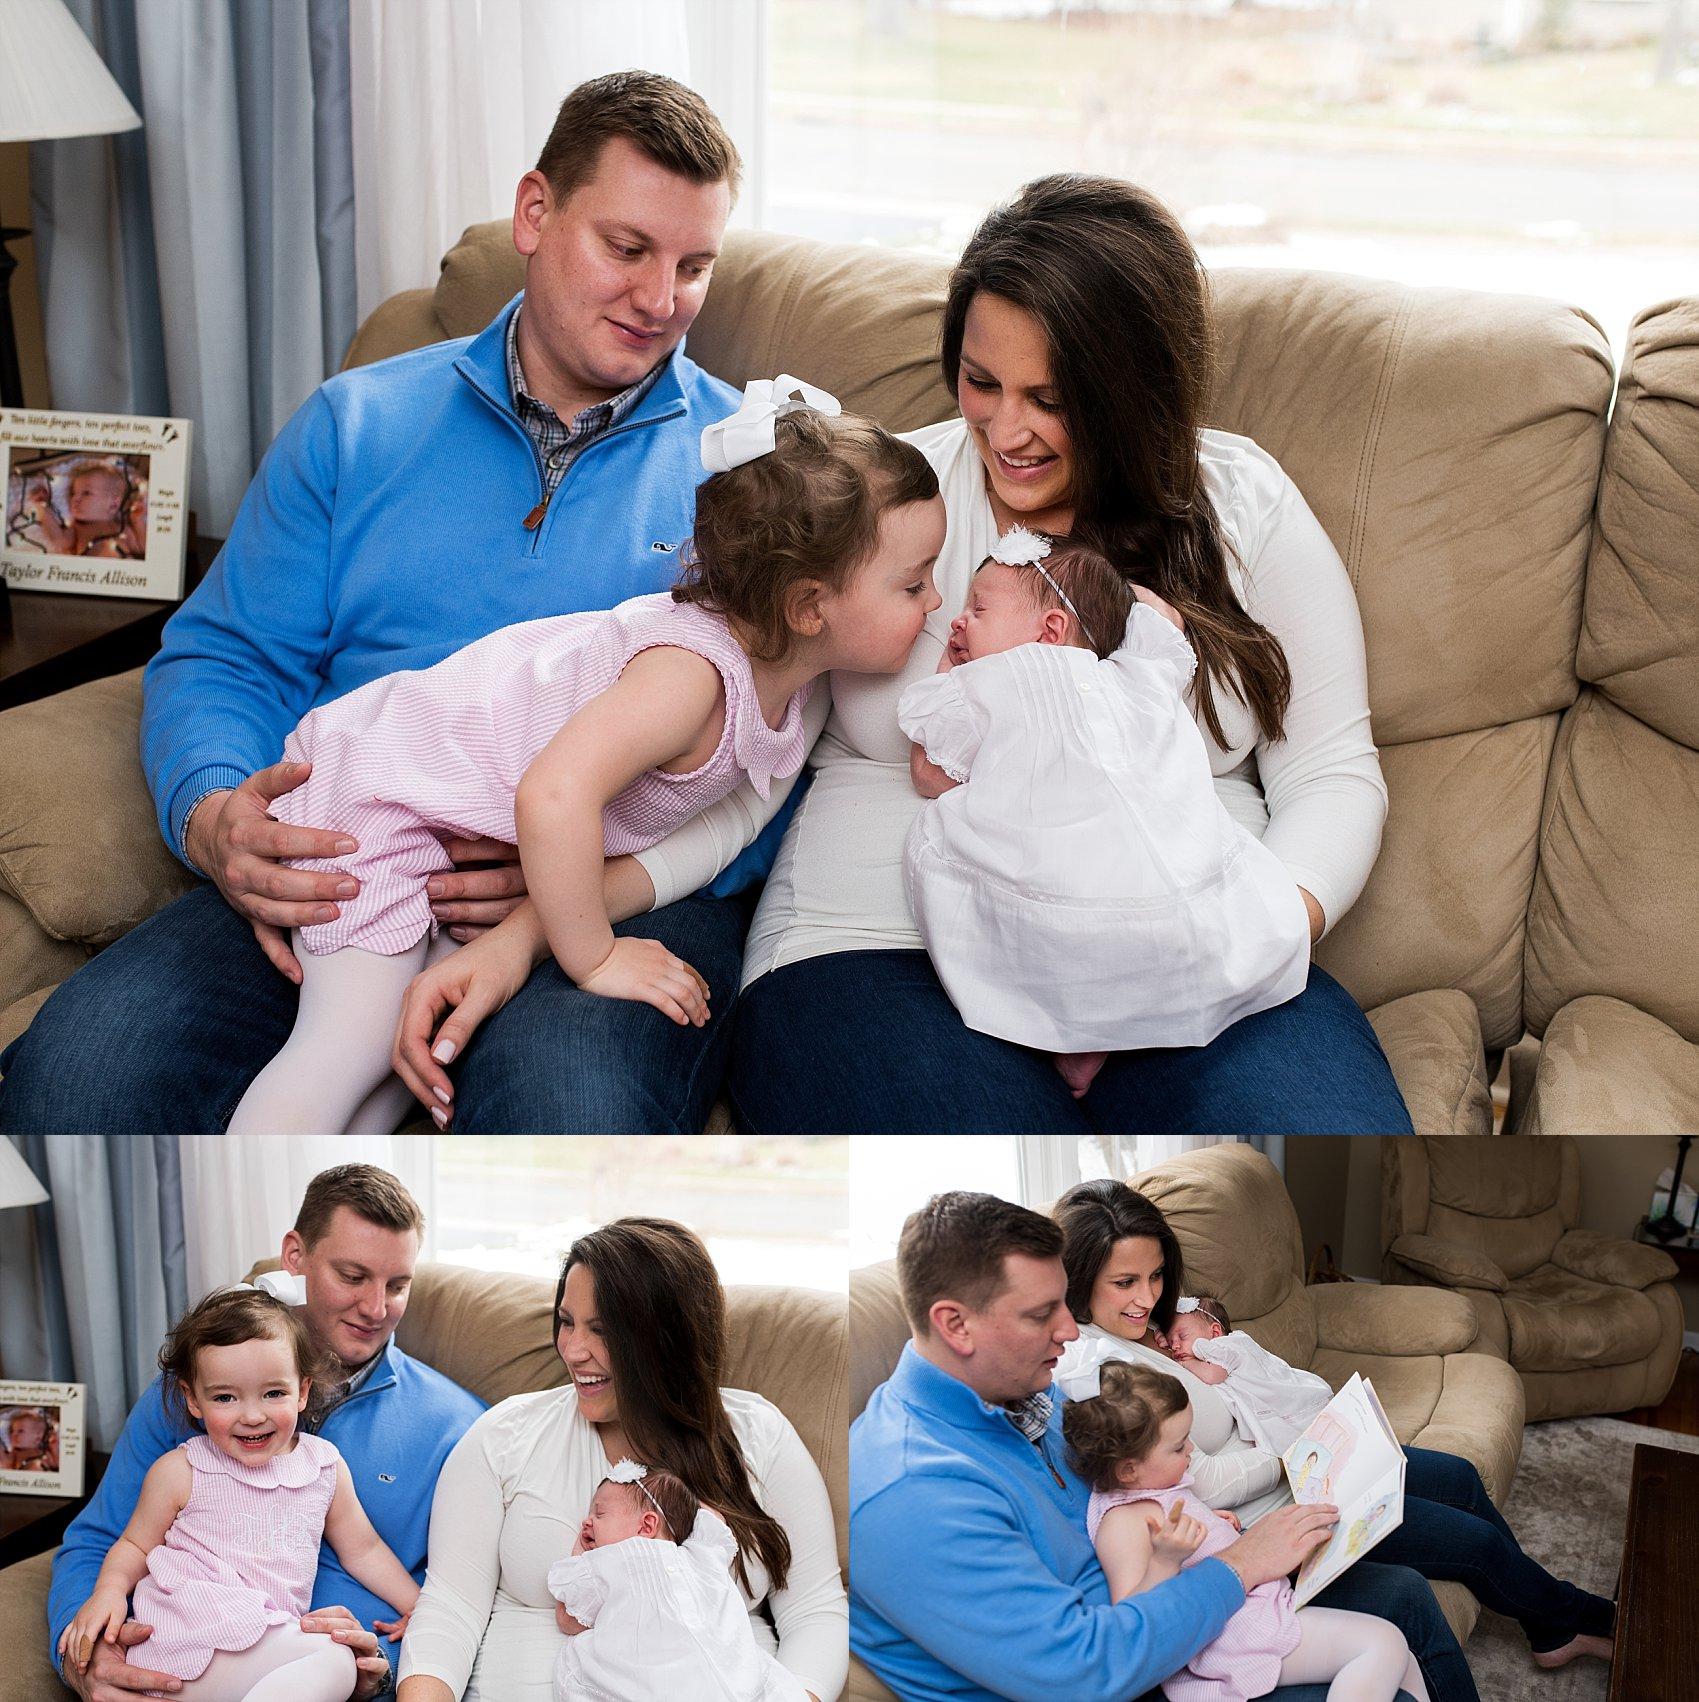 family newborn photographer ct. new haven county, ct newborn